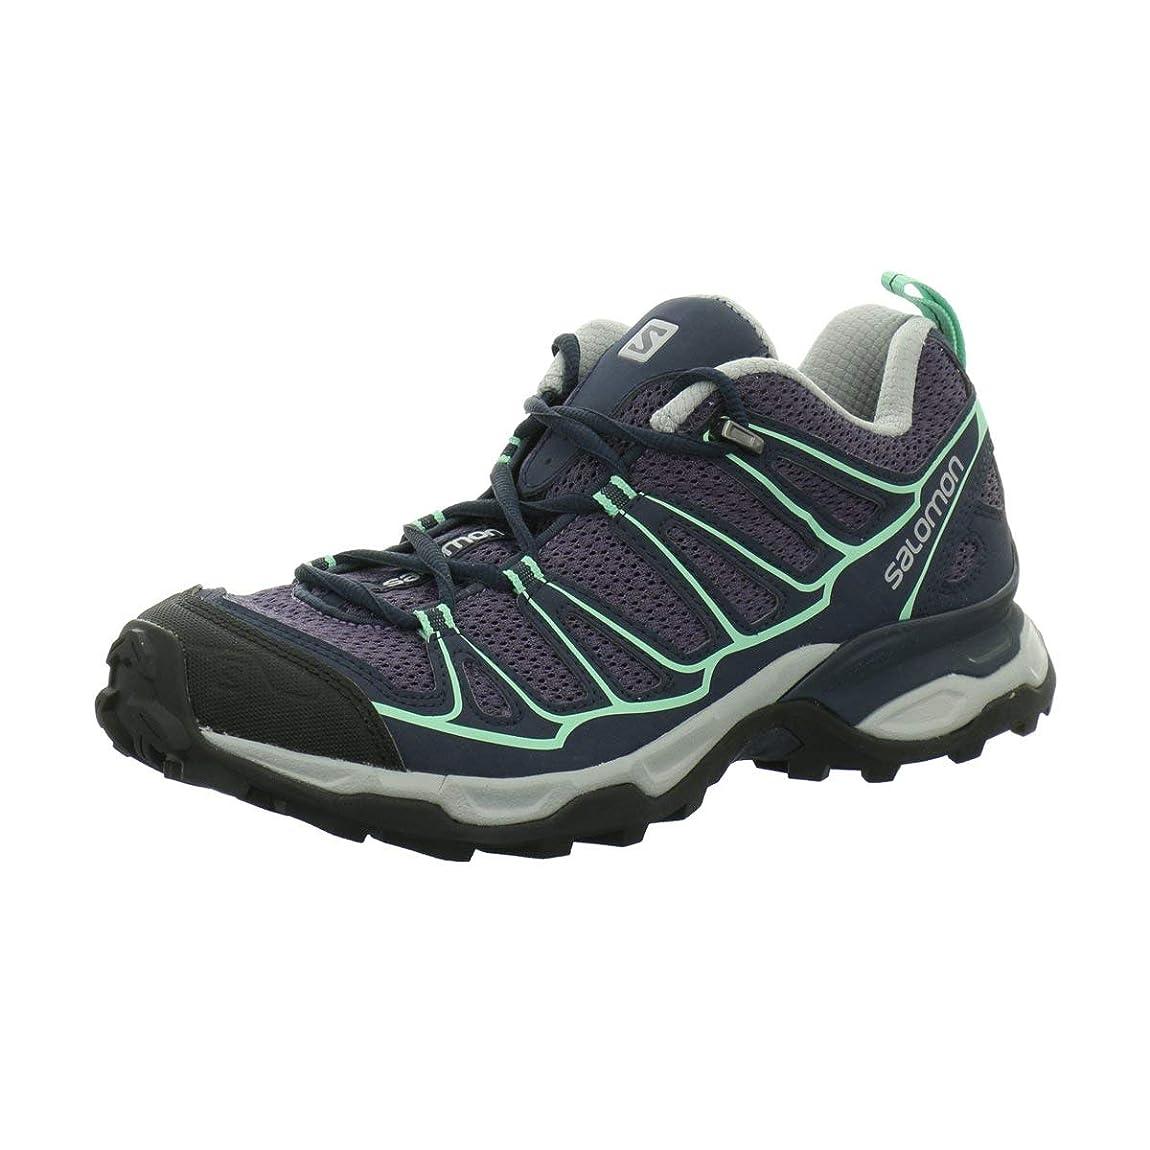 真鍮とても内向き[サロモン] レディース 女性用 シューズ 靴 スニーカー 運動靴 X Ultra Prime - Artist Grey-X/Deep Blue/Lucite Green [並行輸入品]